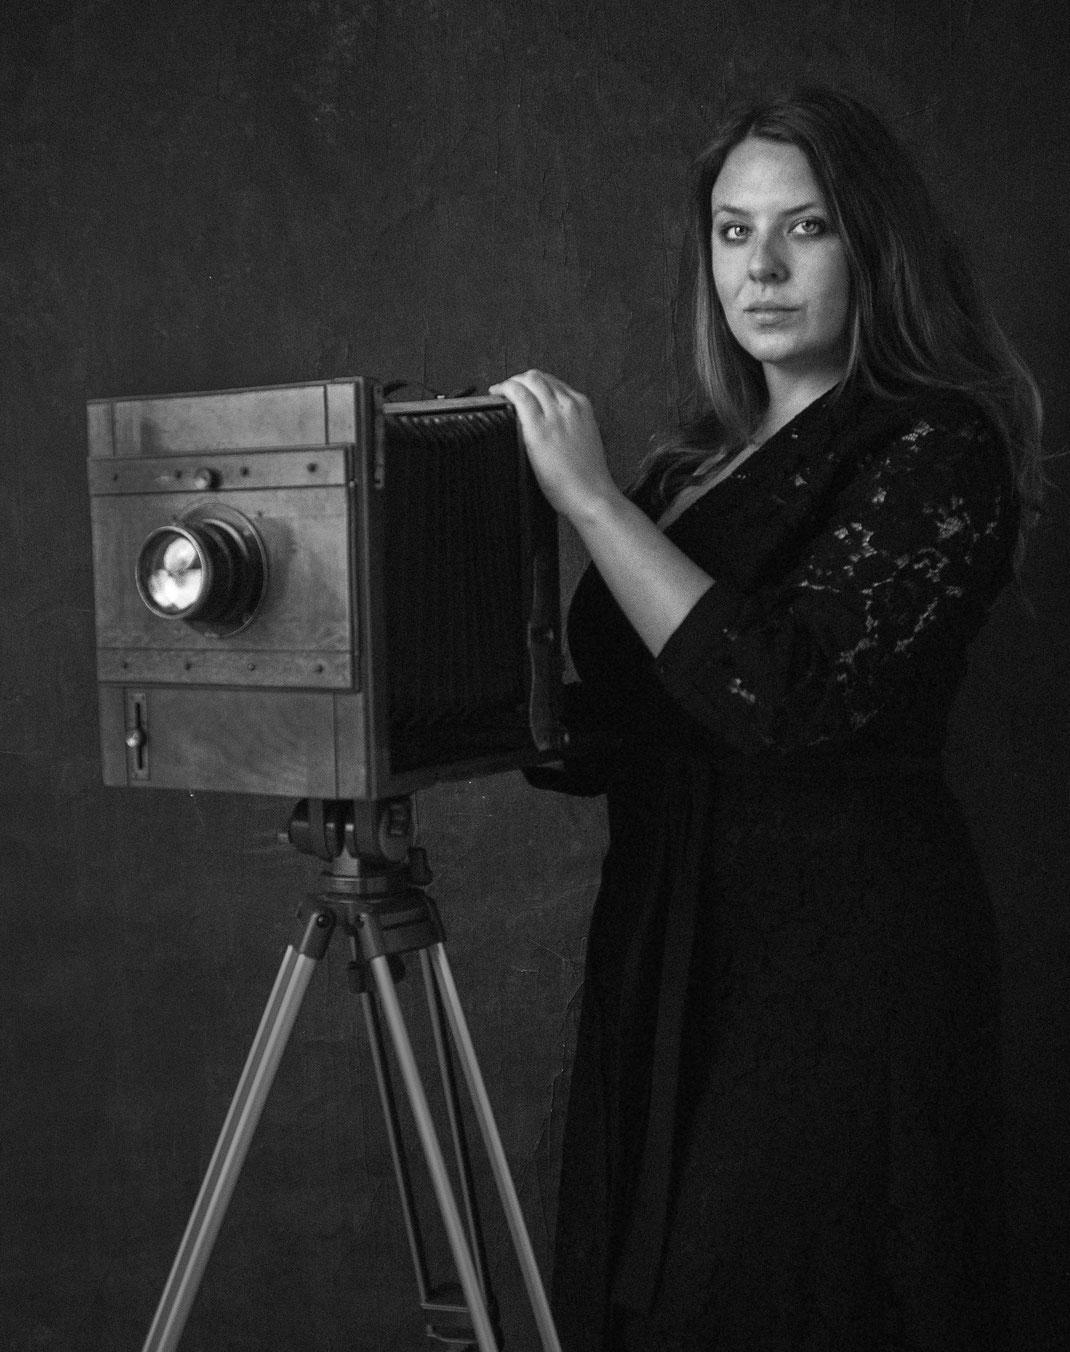 Anniek Mol zelfportret in de fotostudio met oude vintage camera